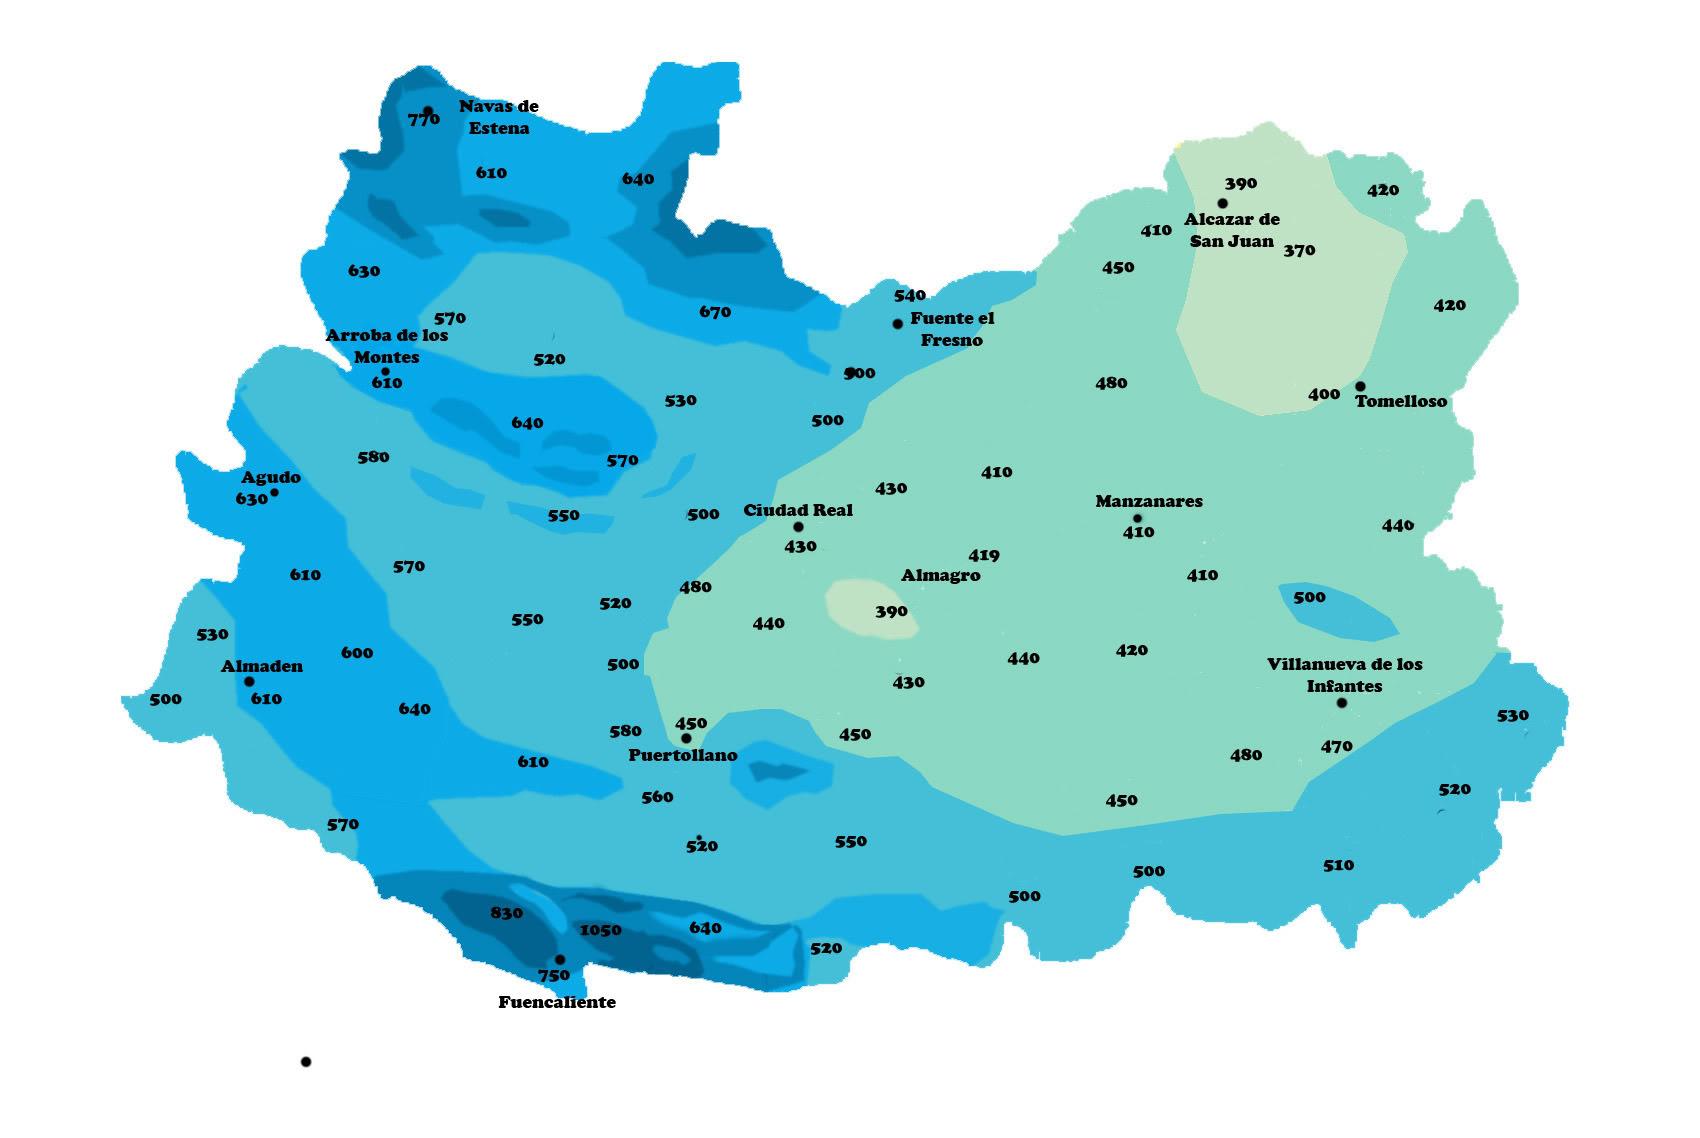 Mapa de Precipitación media anual en la Provincia de Ciudad Real